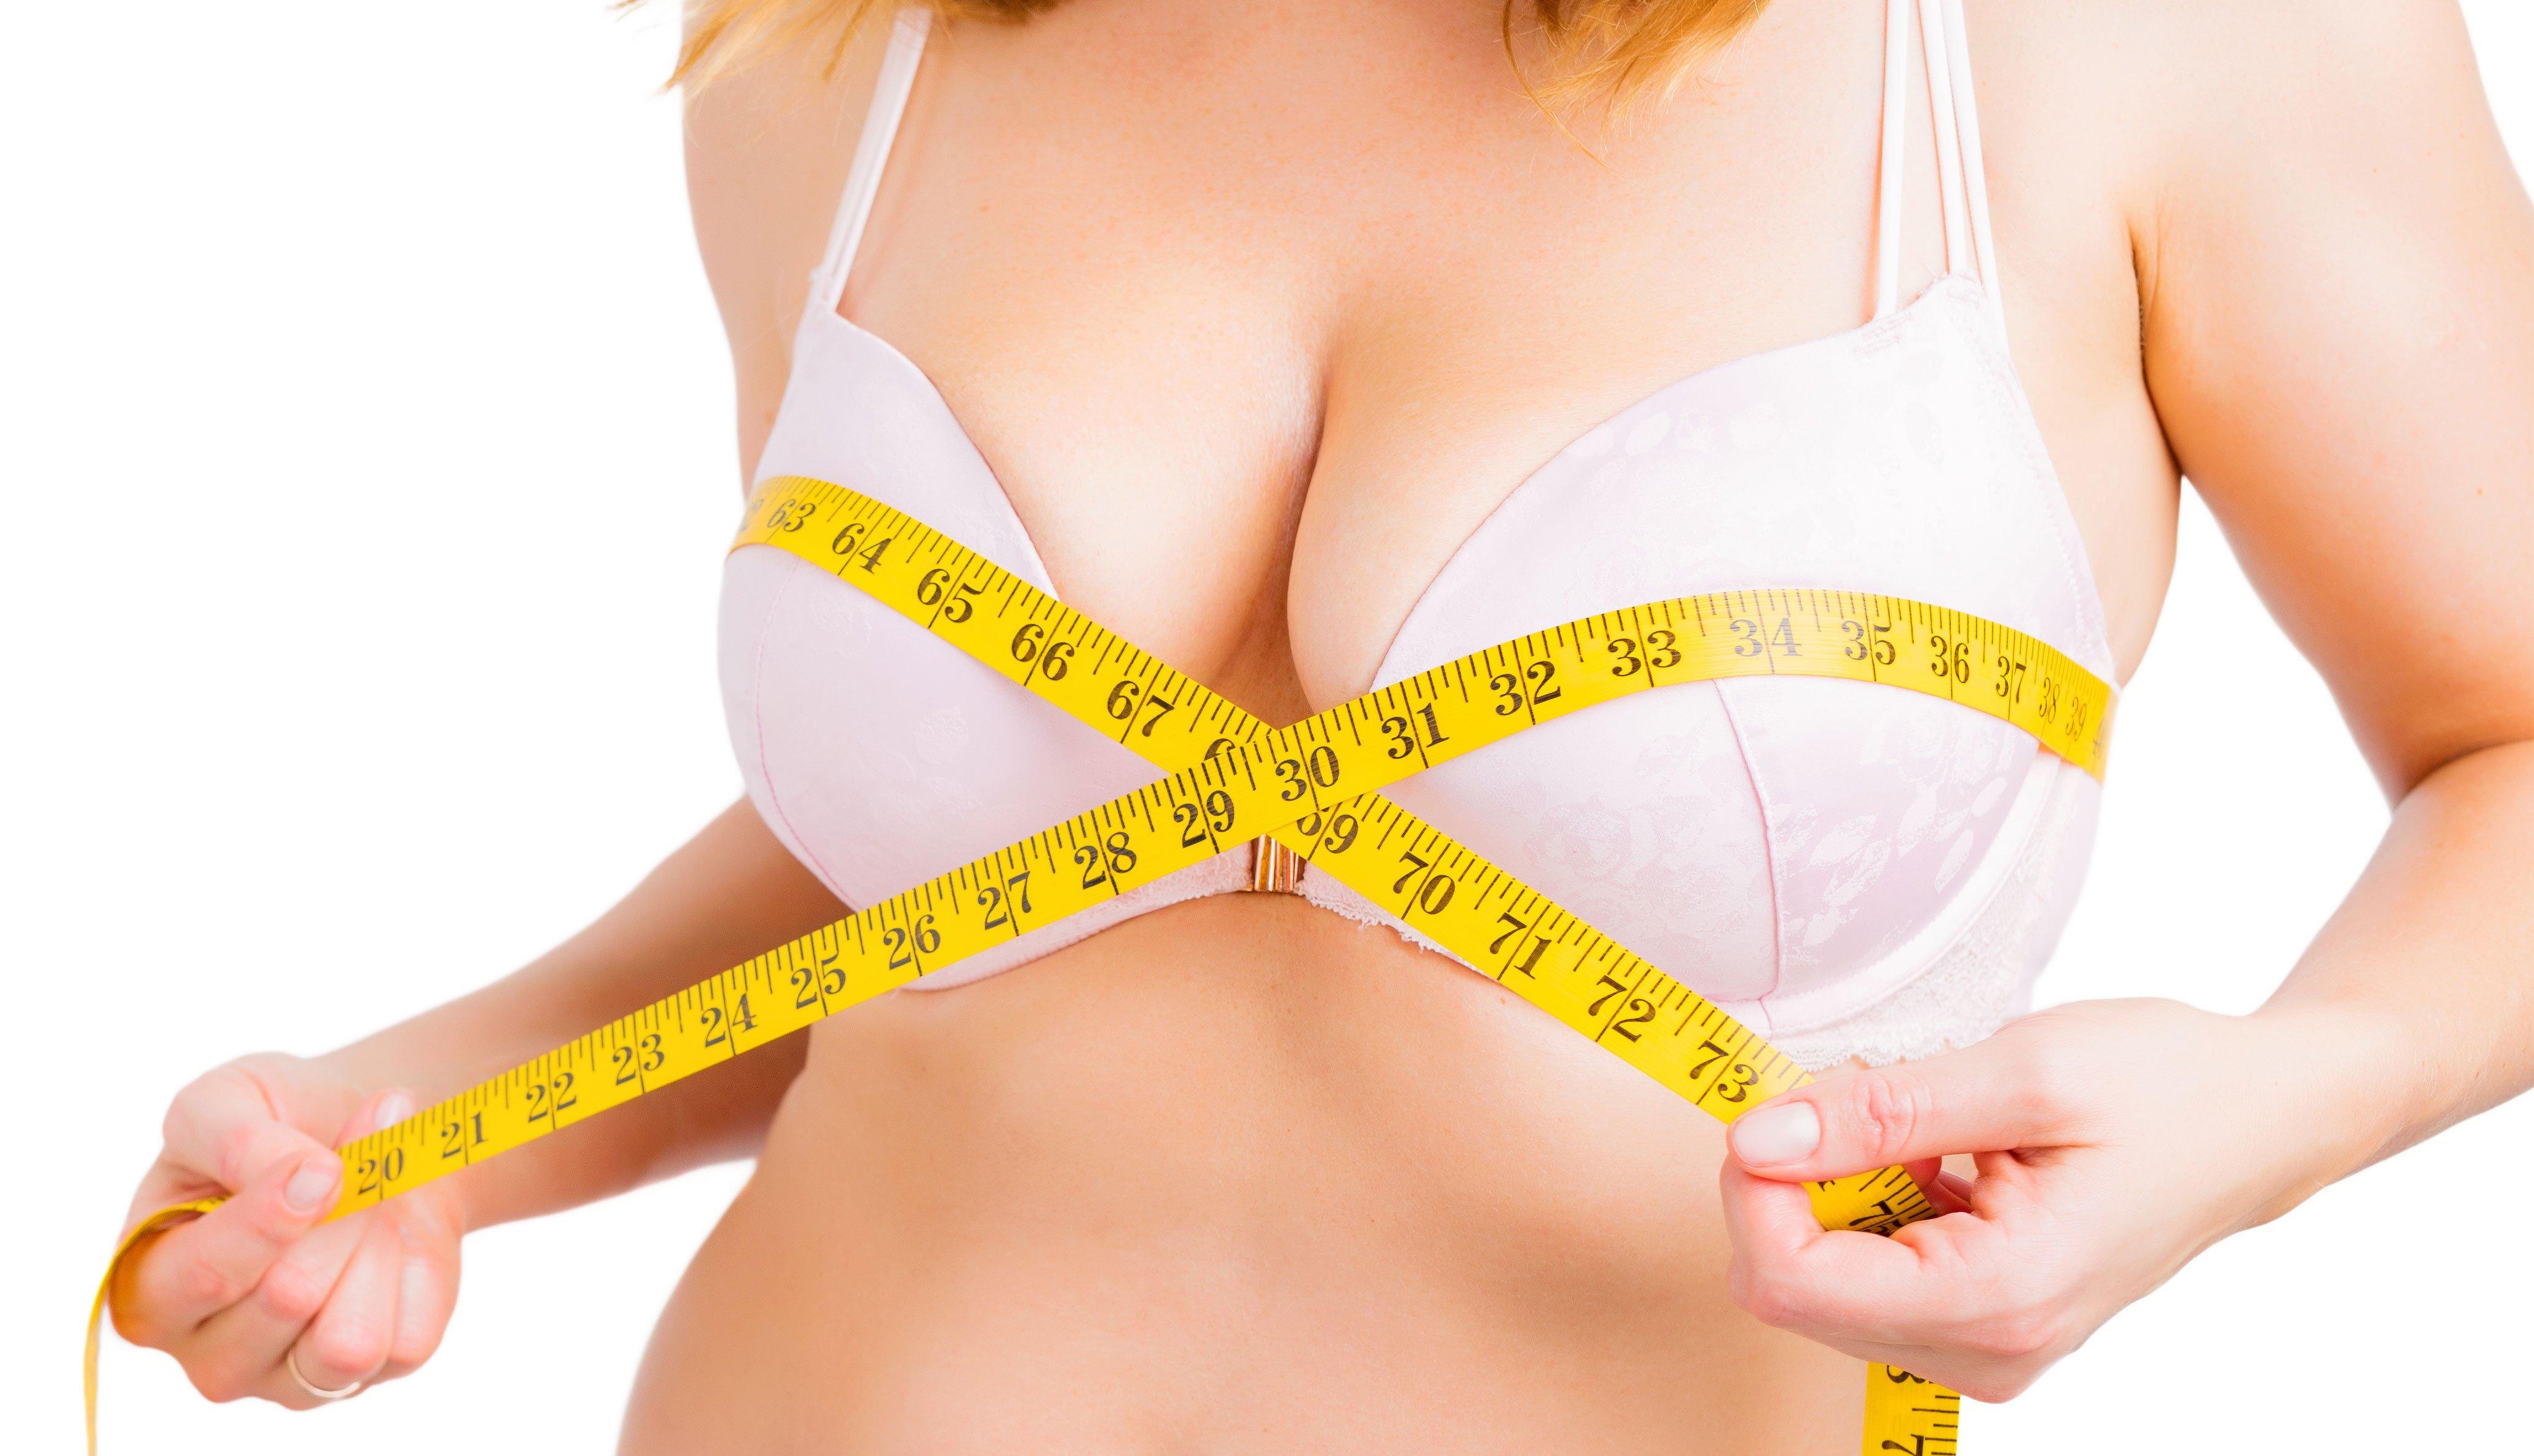 Mujer midiendo sus senos